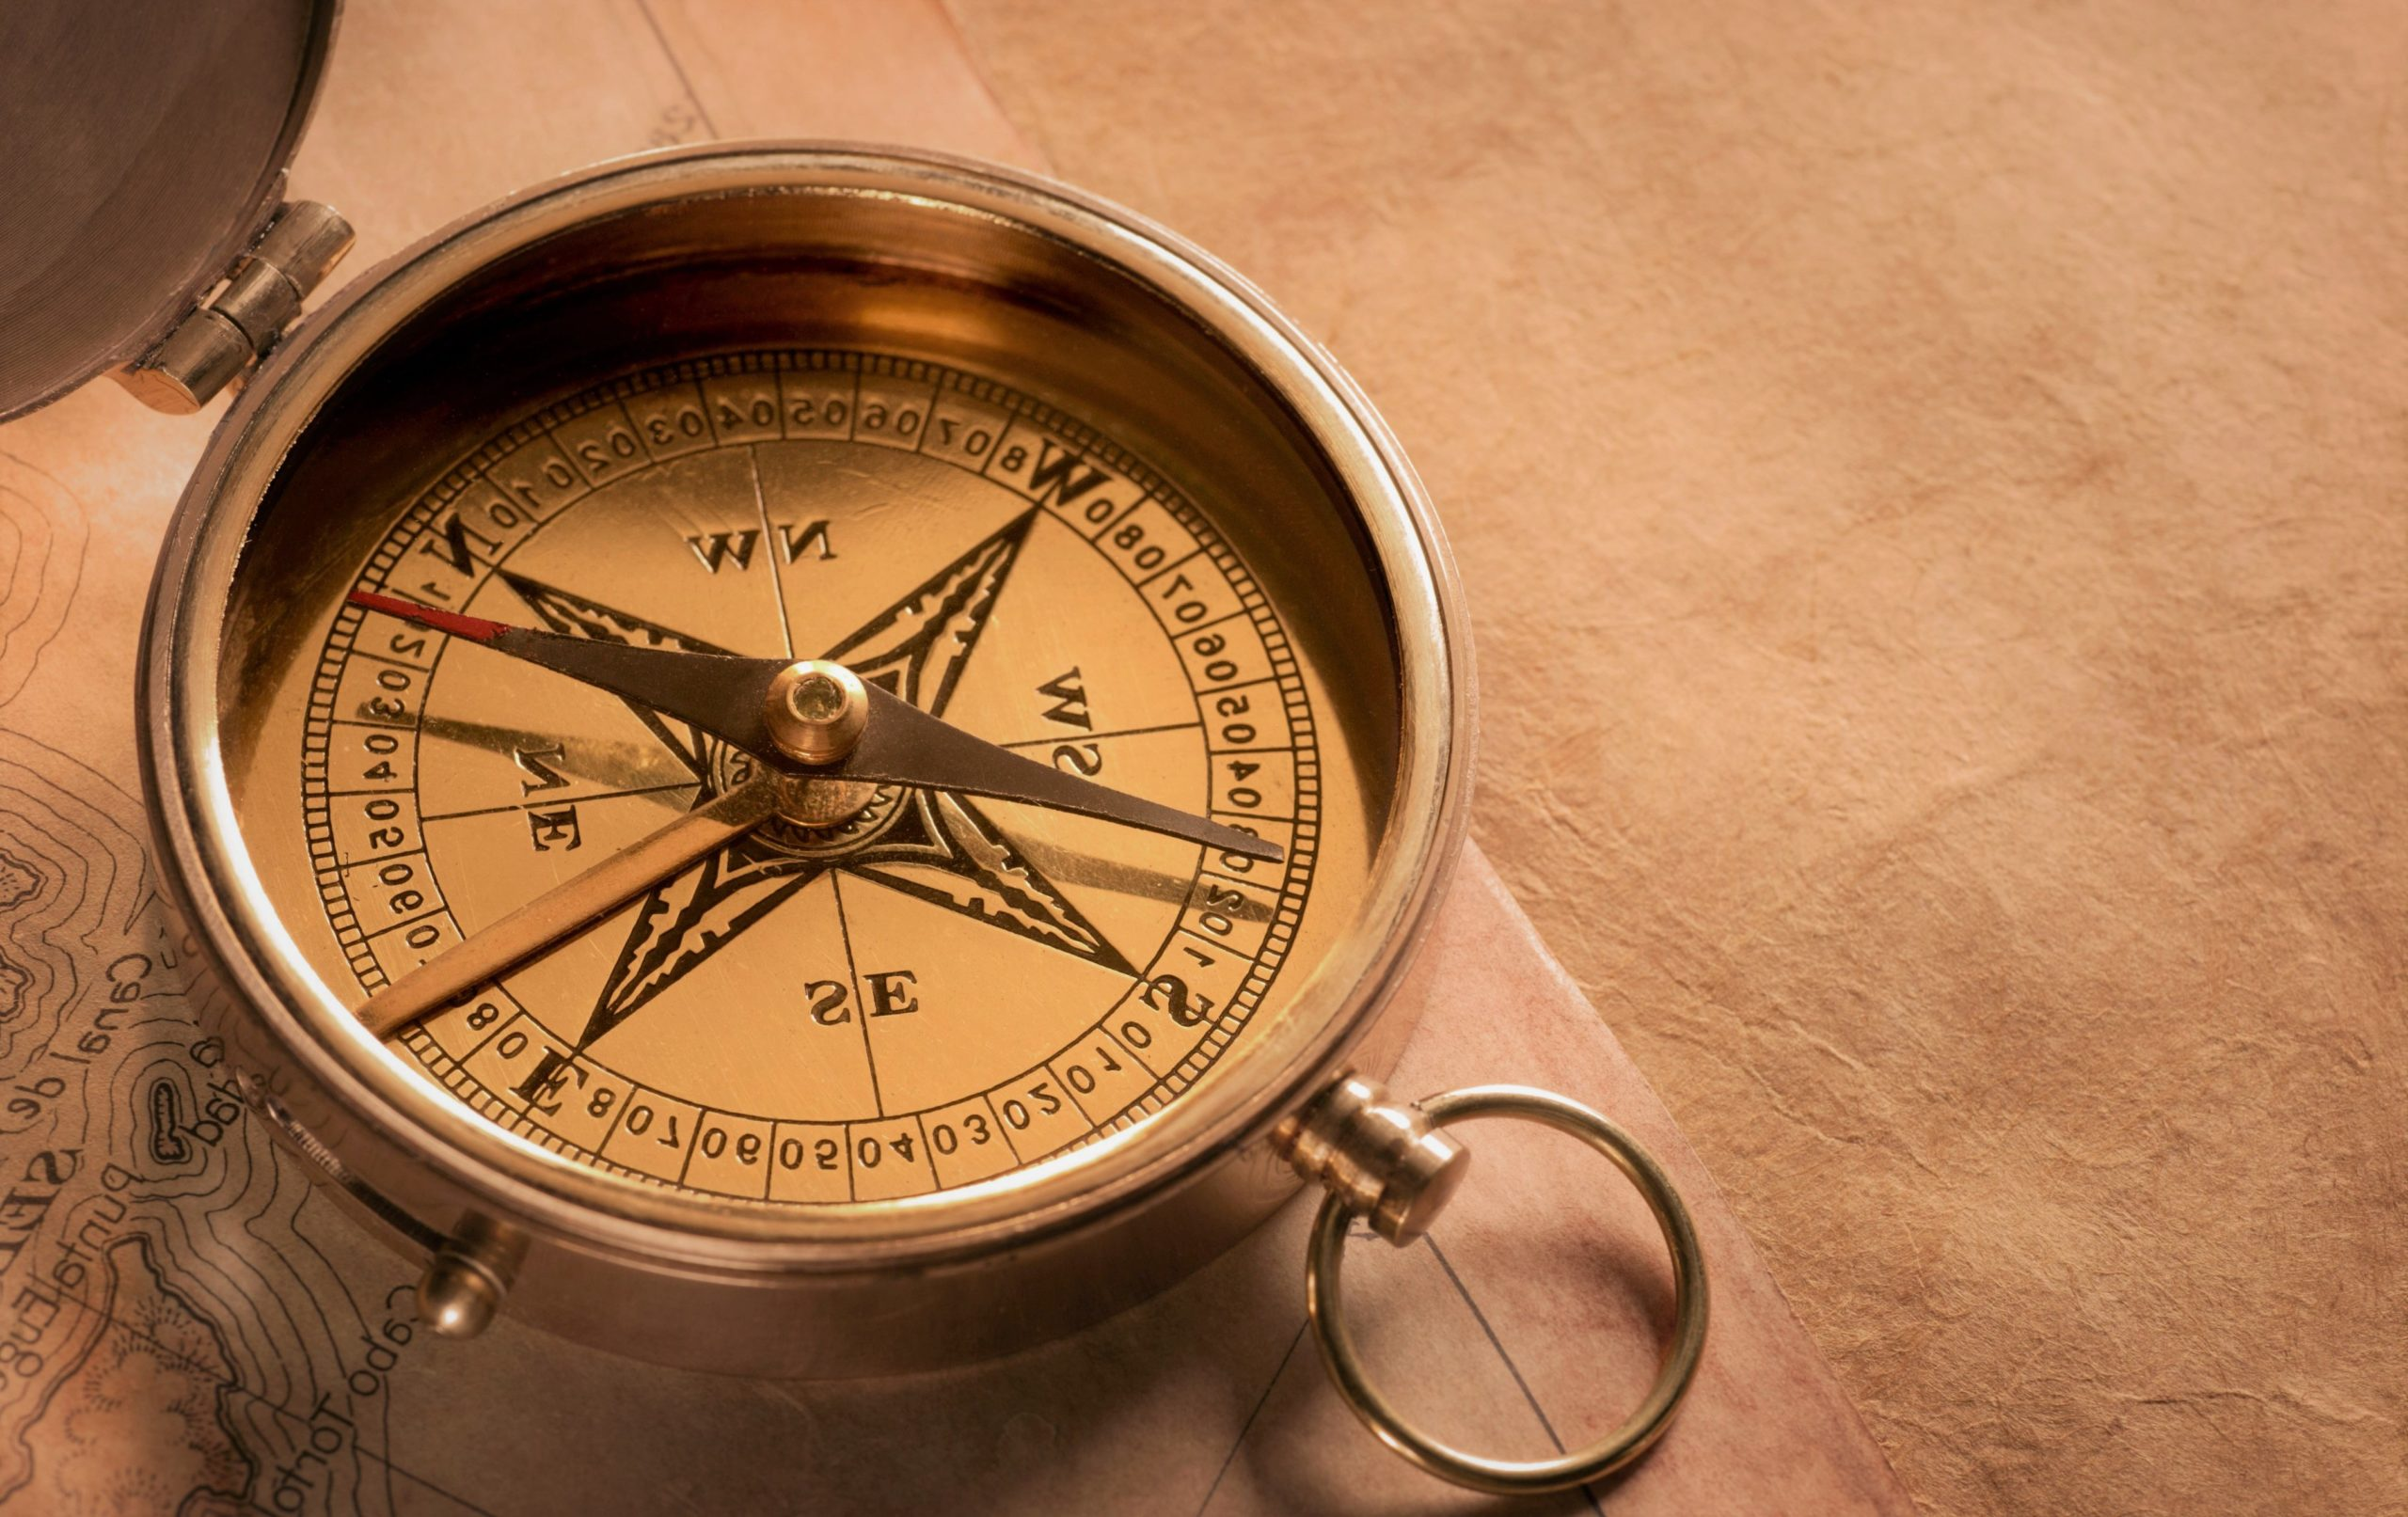 Работает ли компас в открытом космосе?